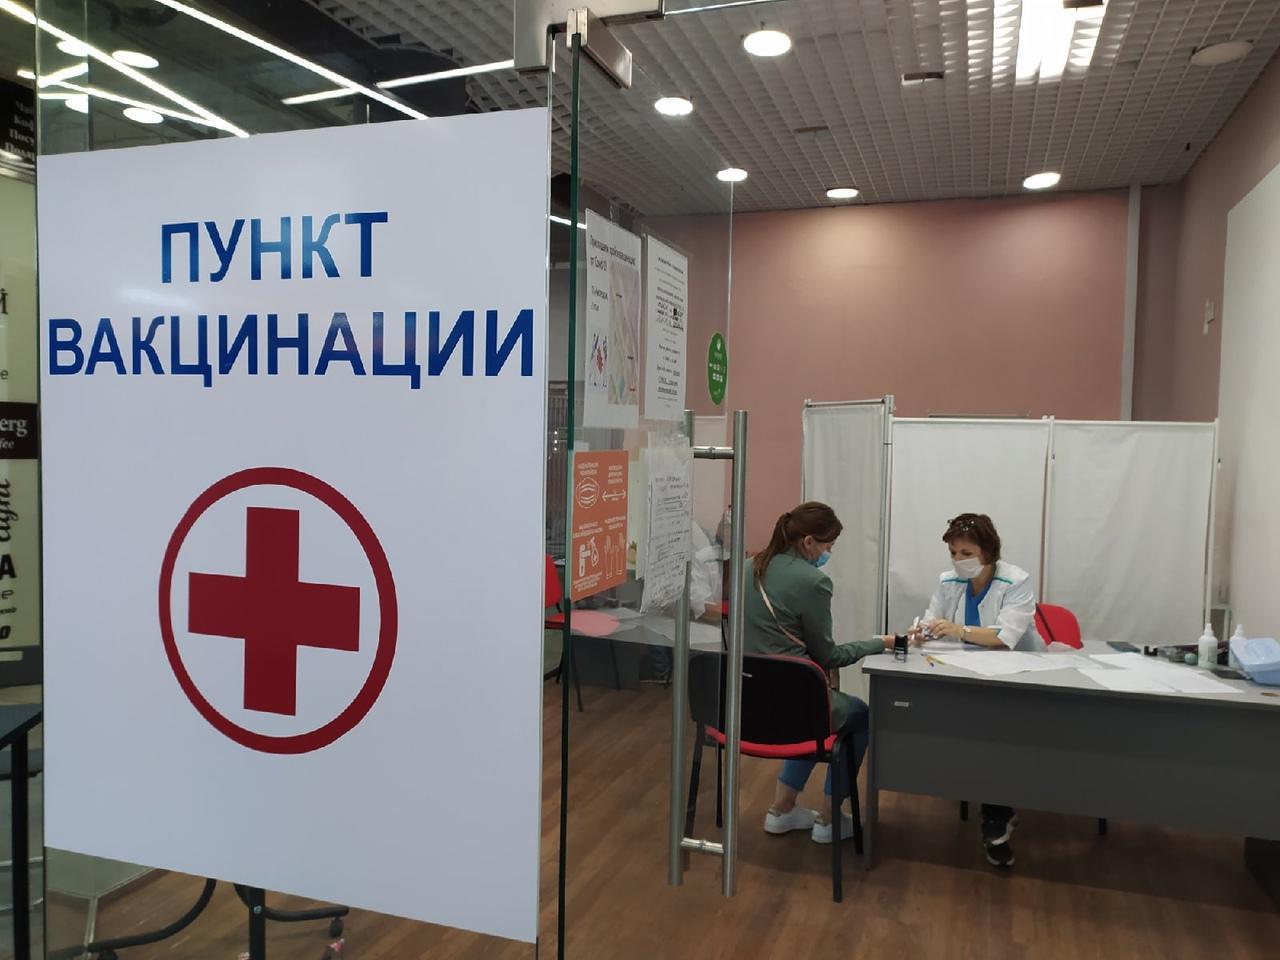 фото «Приезжаю в поликлинику, и мне снова говорят: вакцины нет»: новосибирцы неделями не могут сделать прививку от COVID-19 2